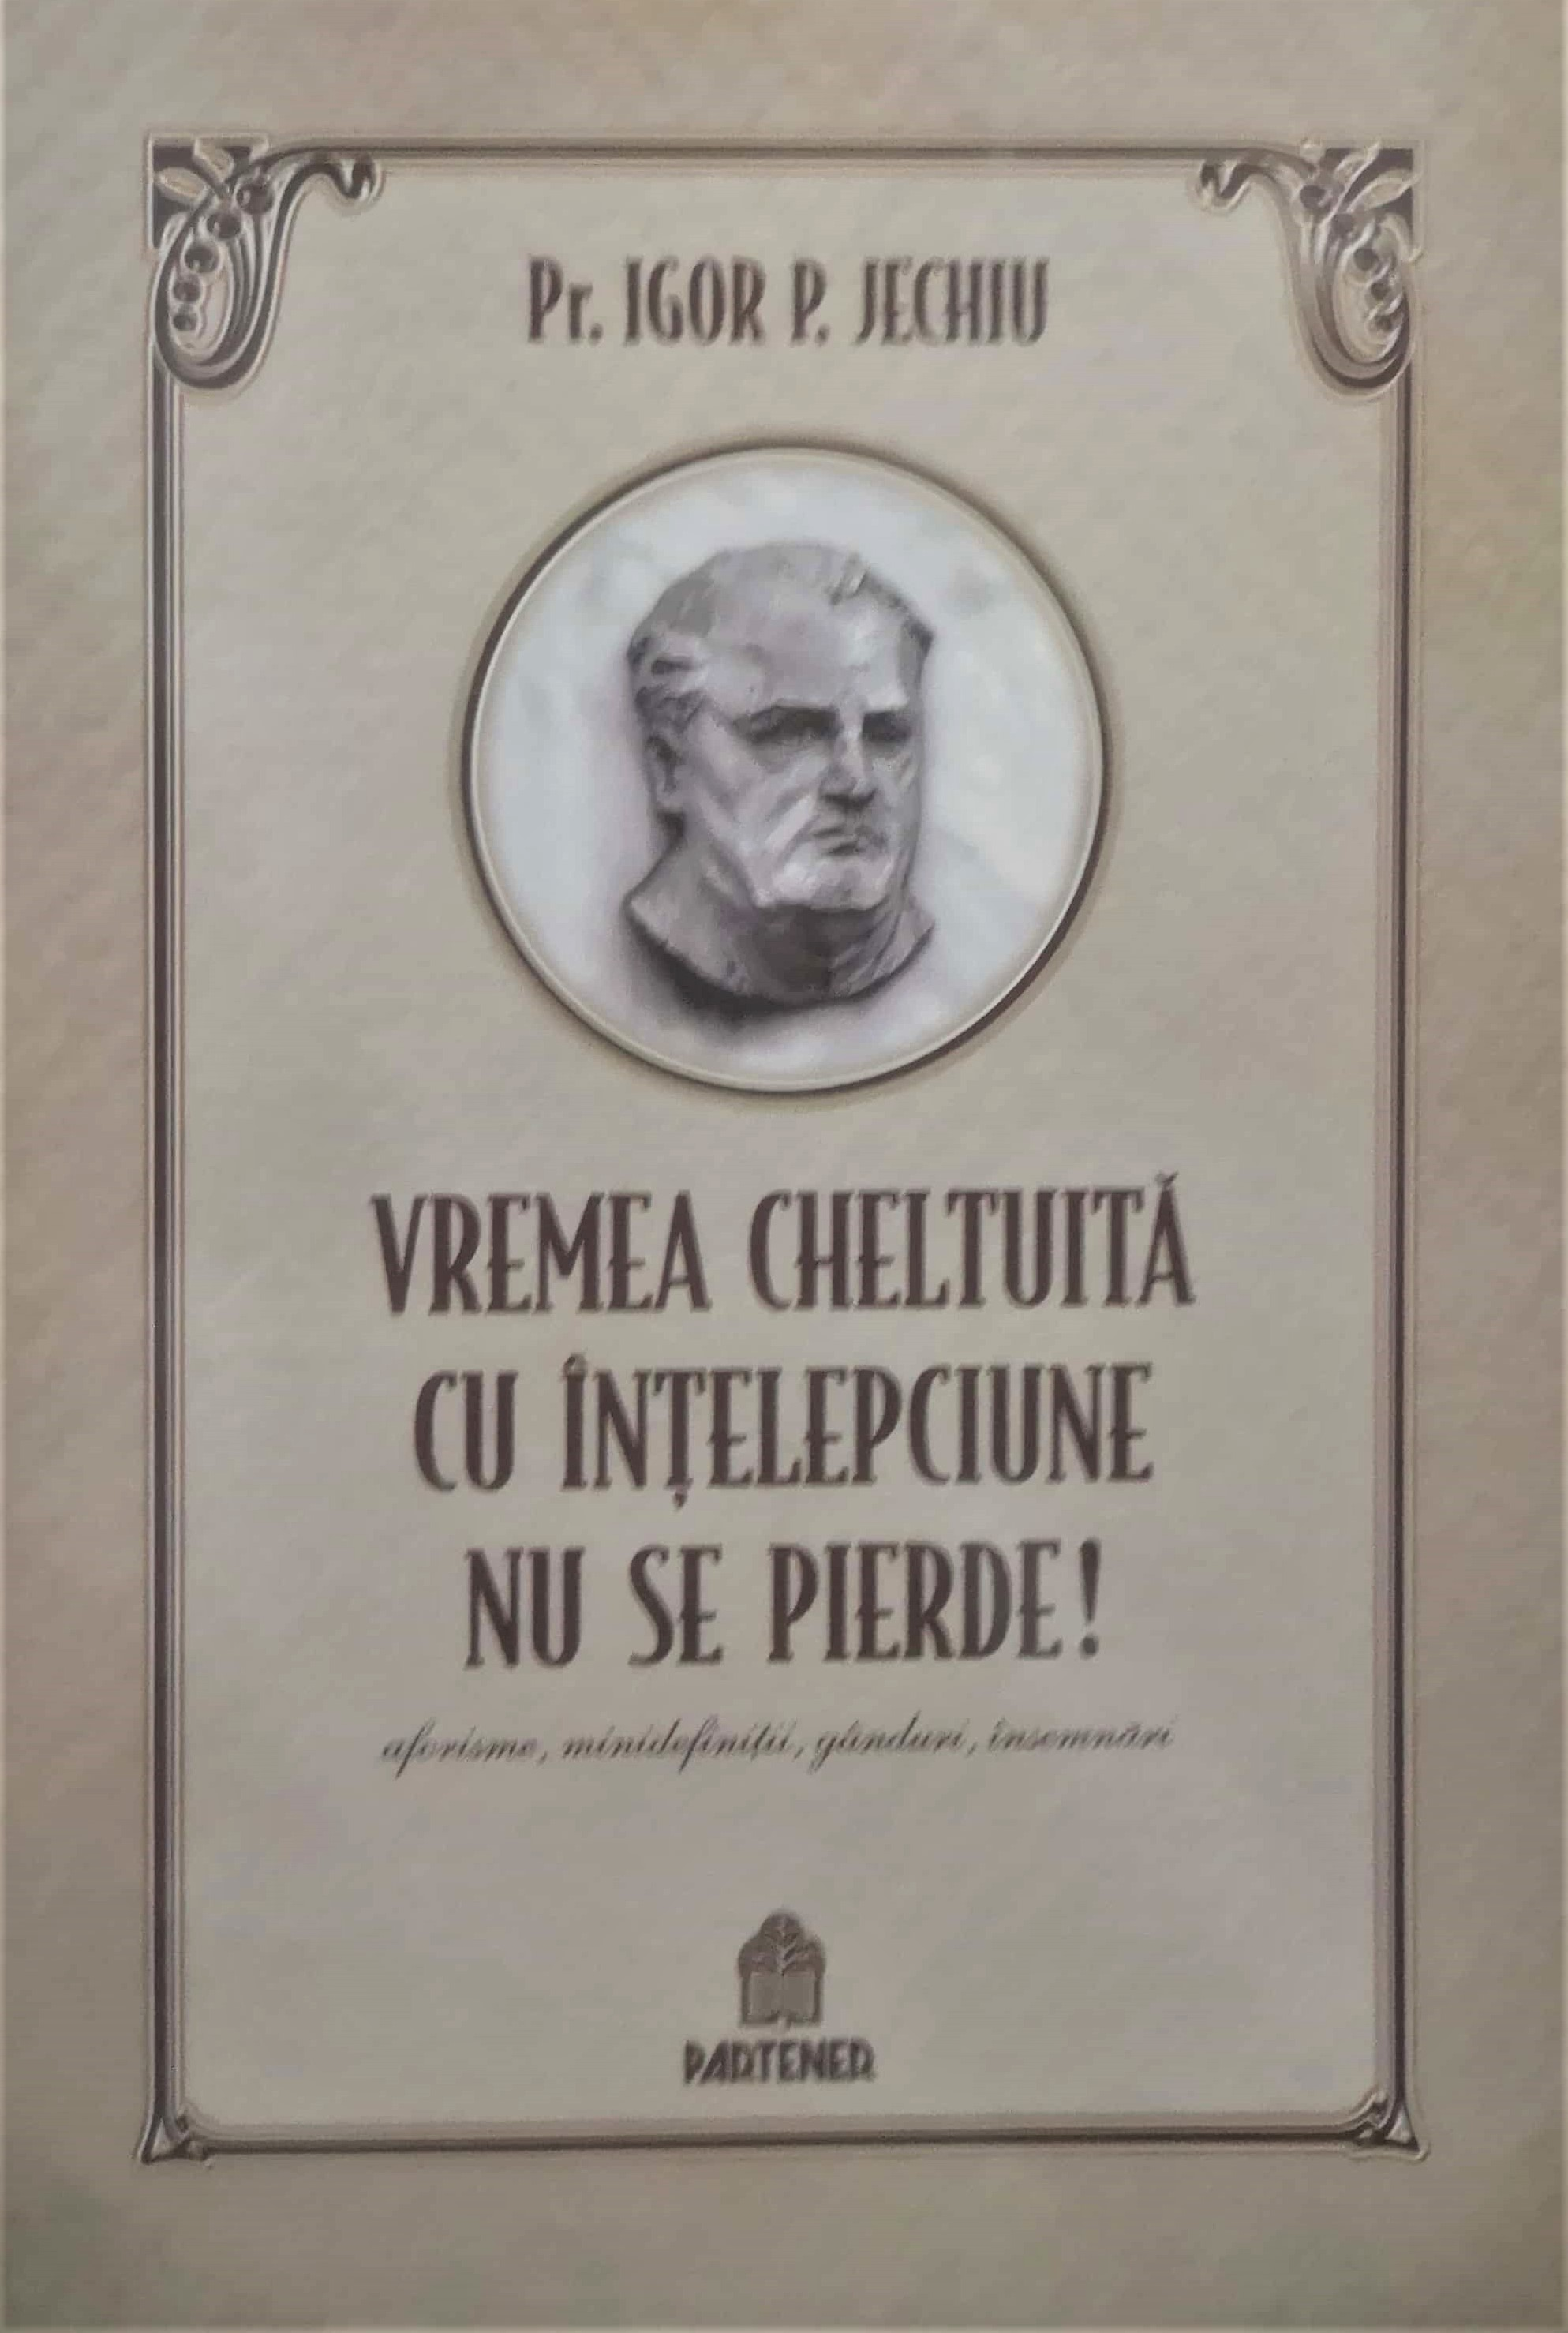 Vremea cheltuita cu intelepciune nu se pierde de Pr. Igor P. Jechiu